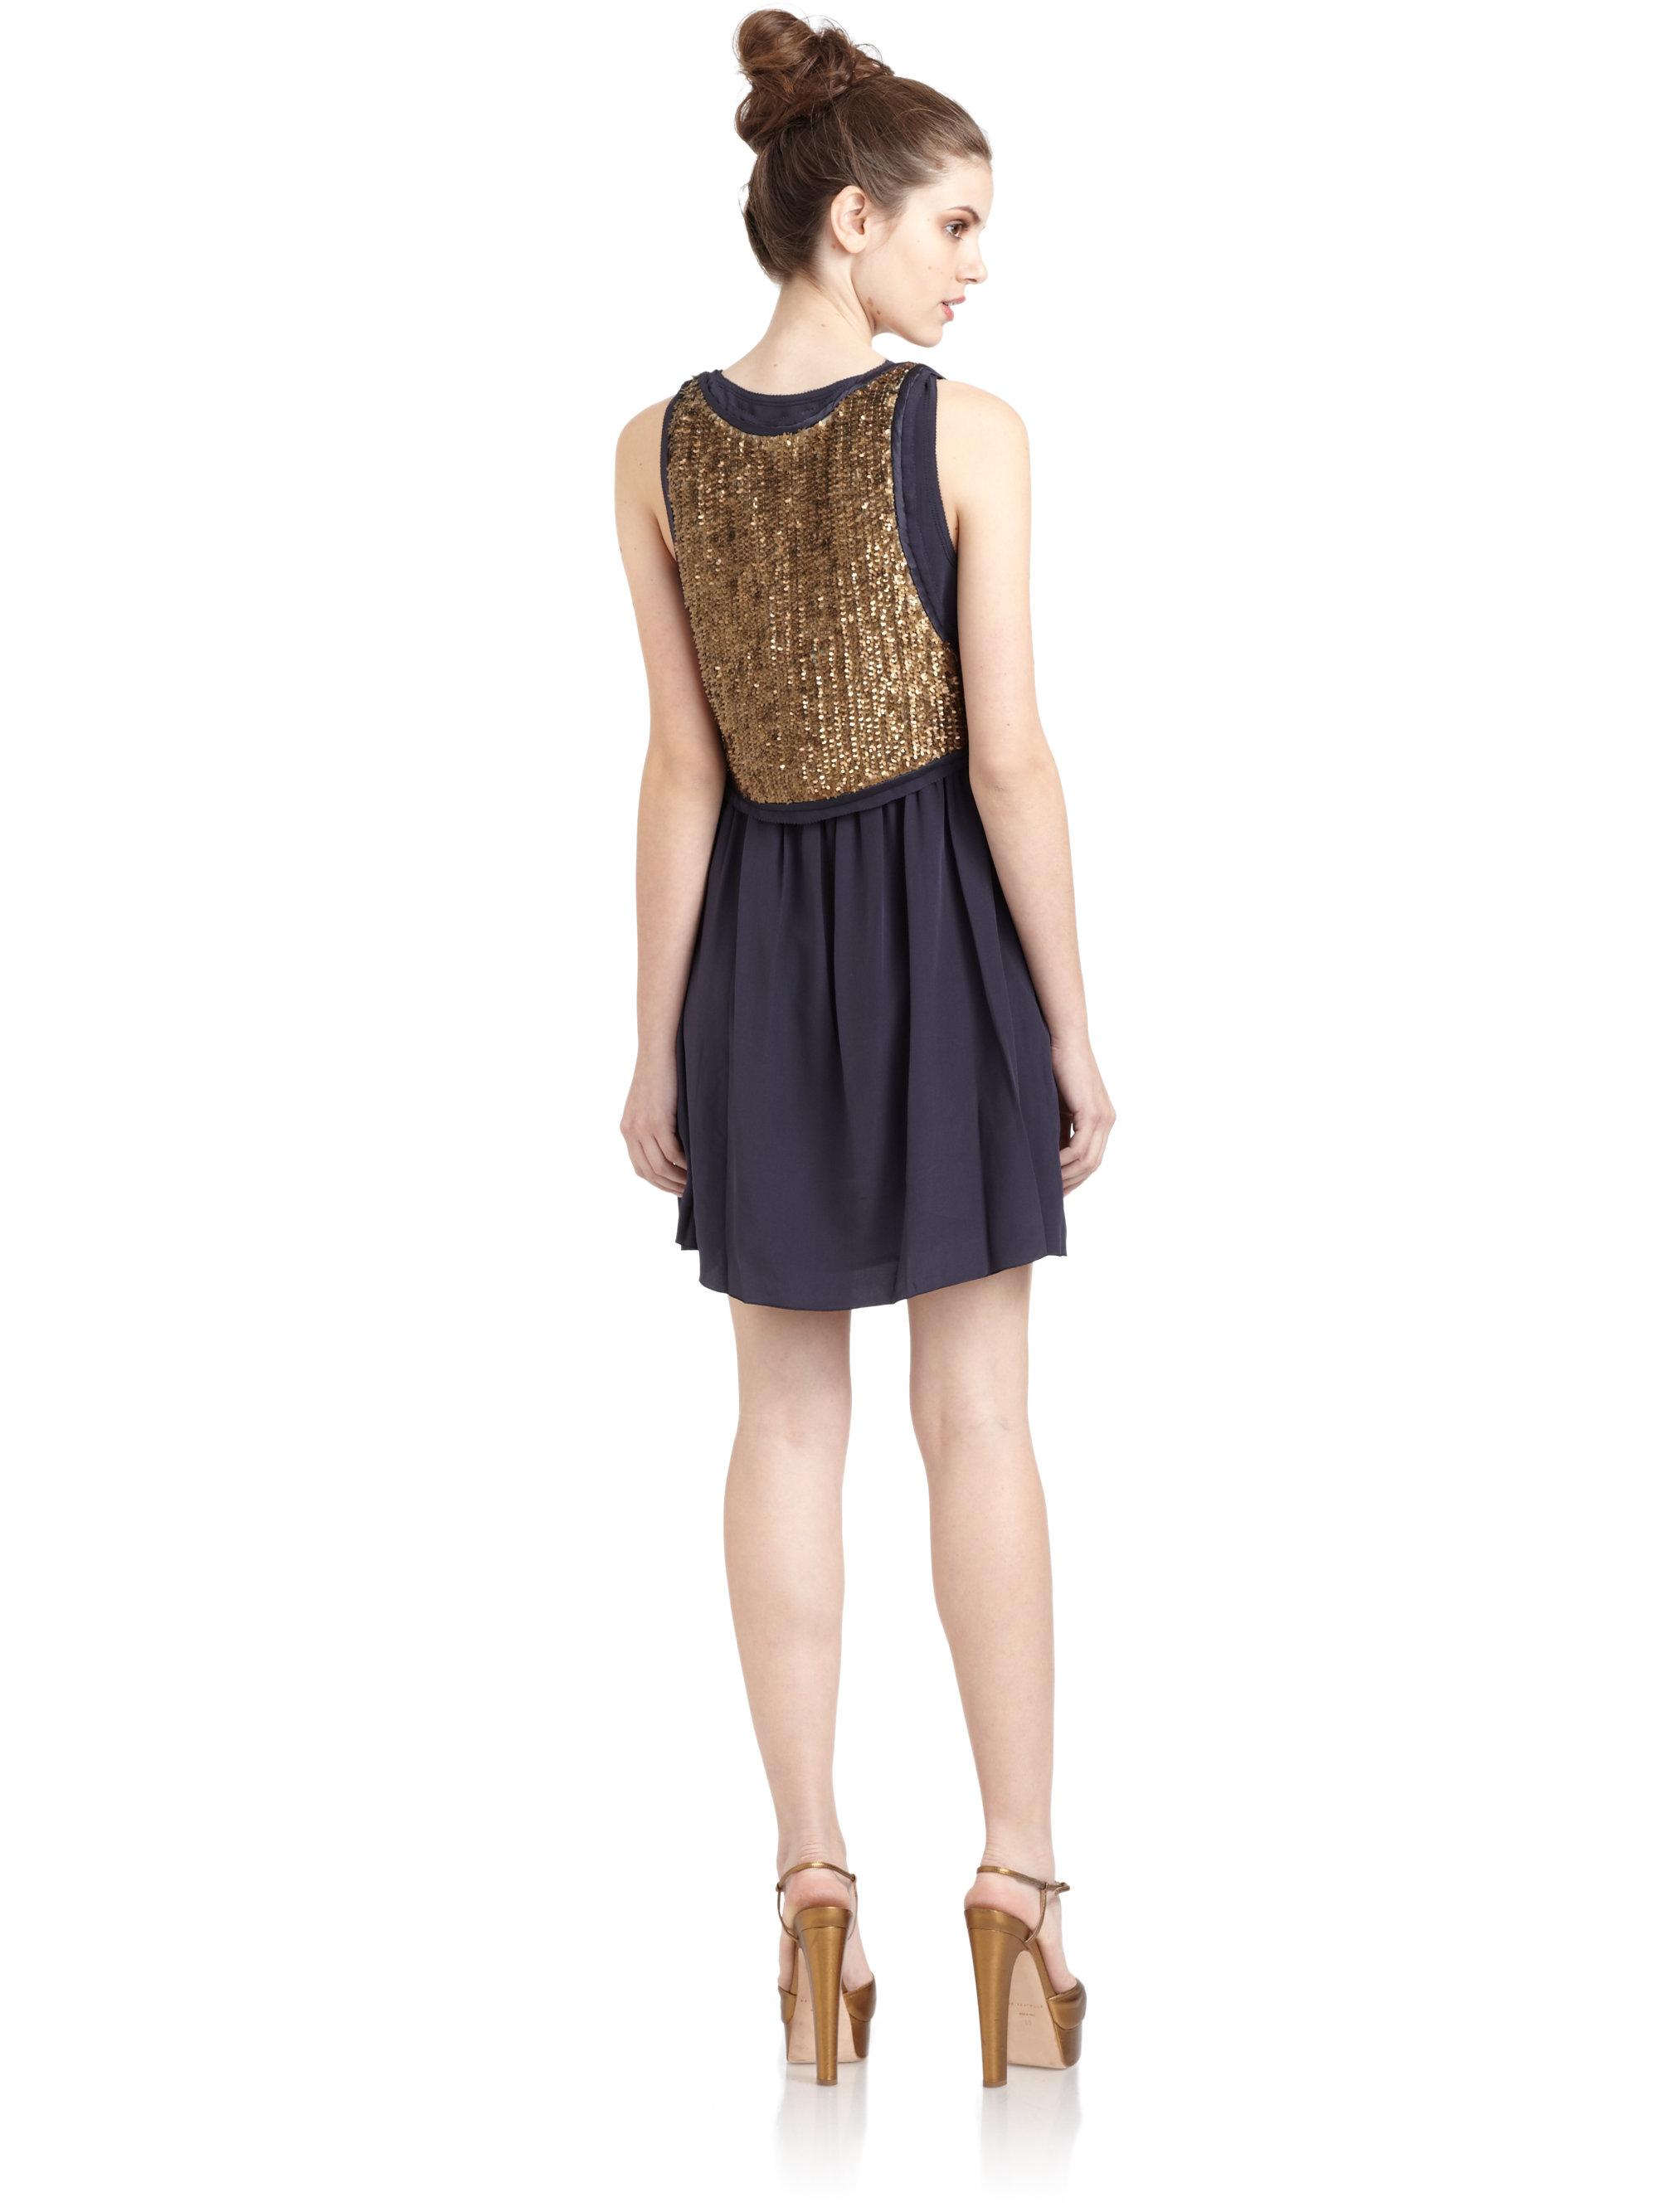 Metallic Sequin Dress